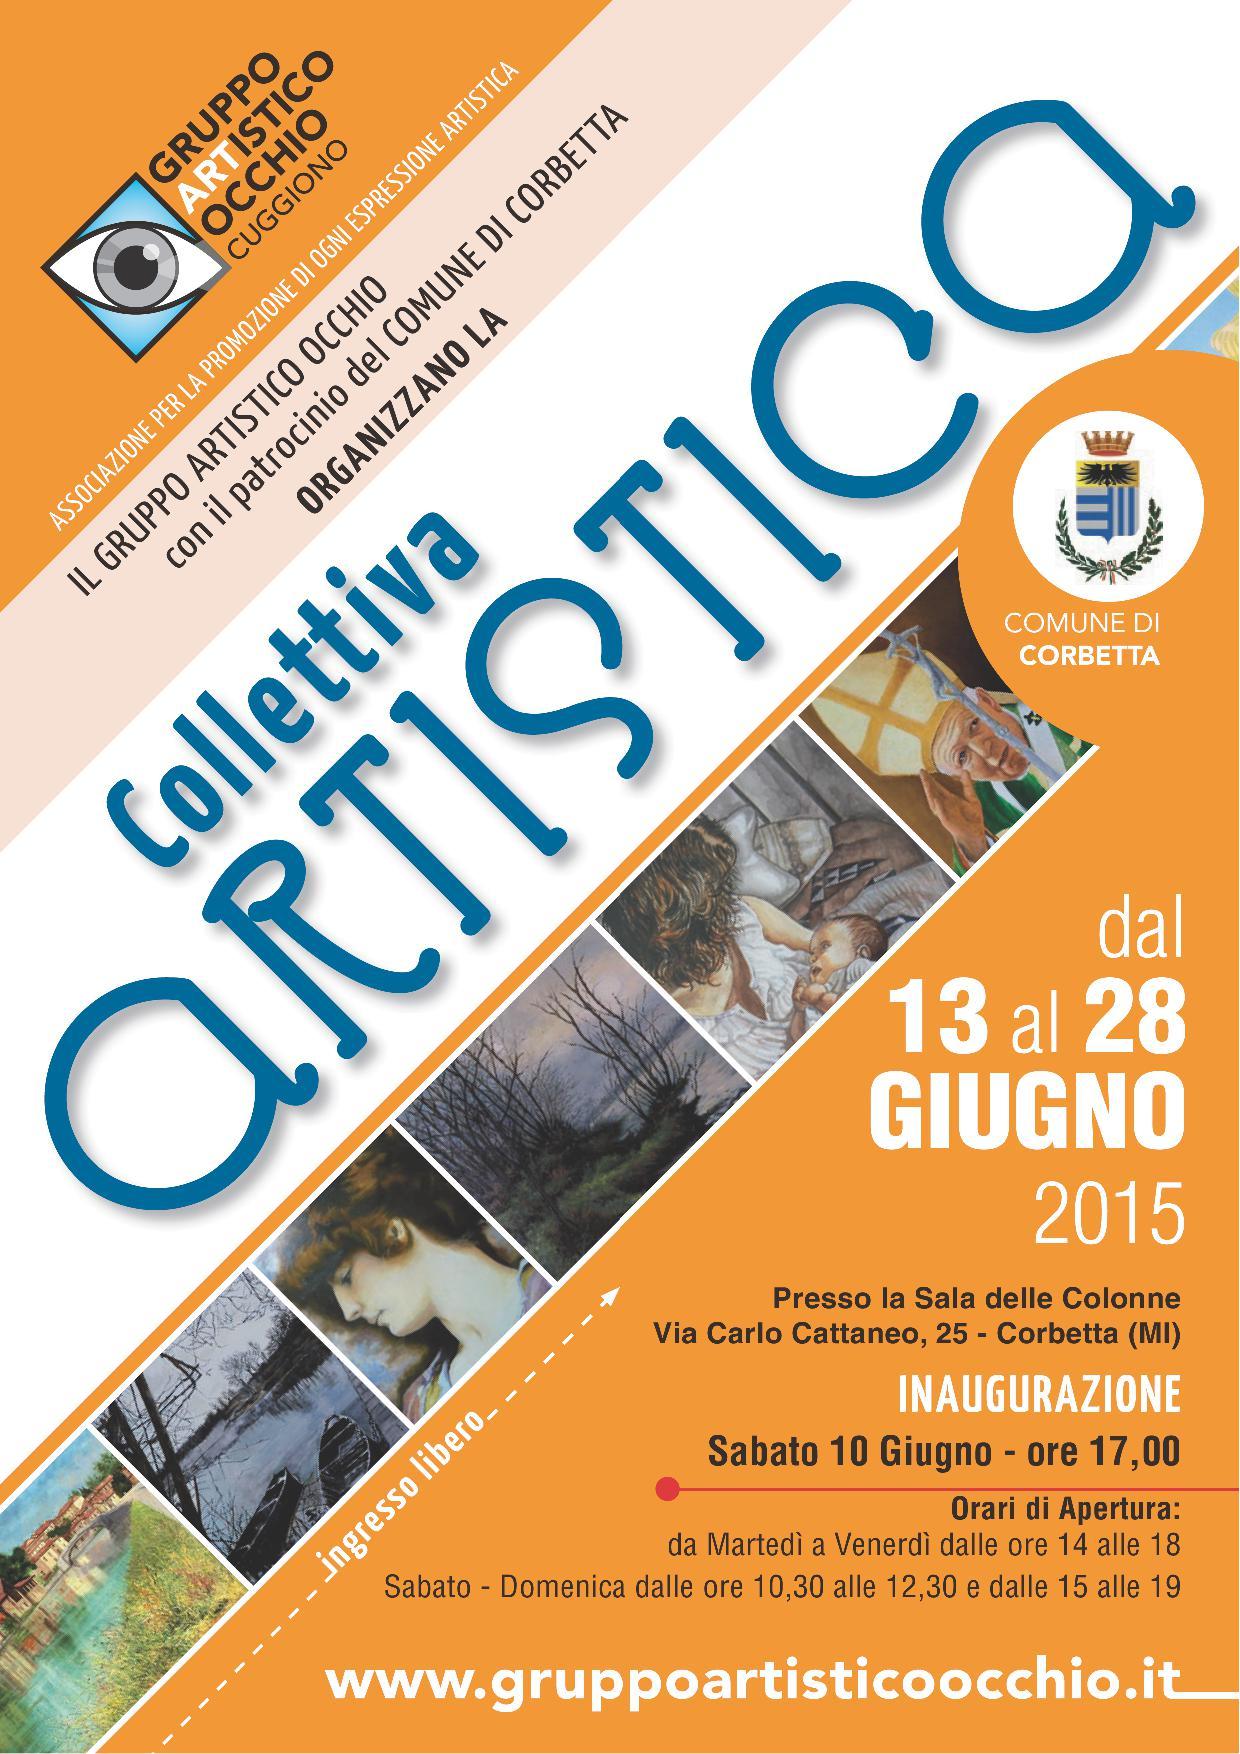 anno 2015 13 - 28 Giugno 2015 - Mostra Collettiva presso Sala Delle Colonne a Corbetta.